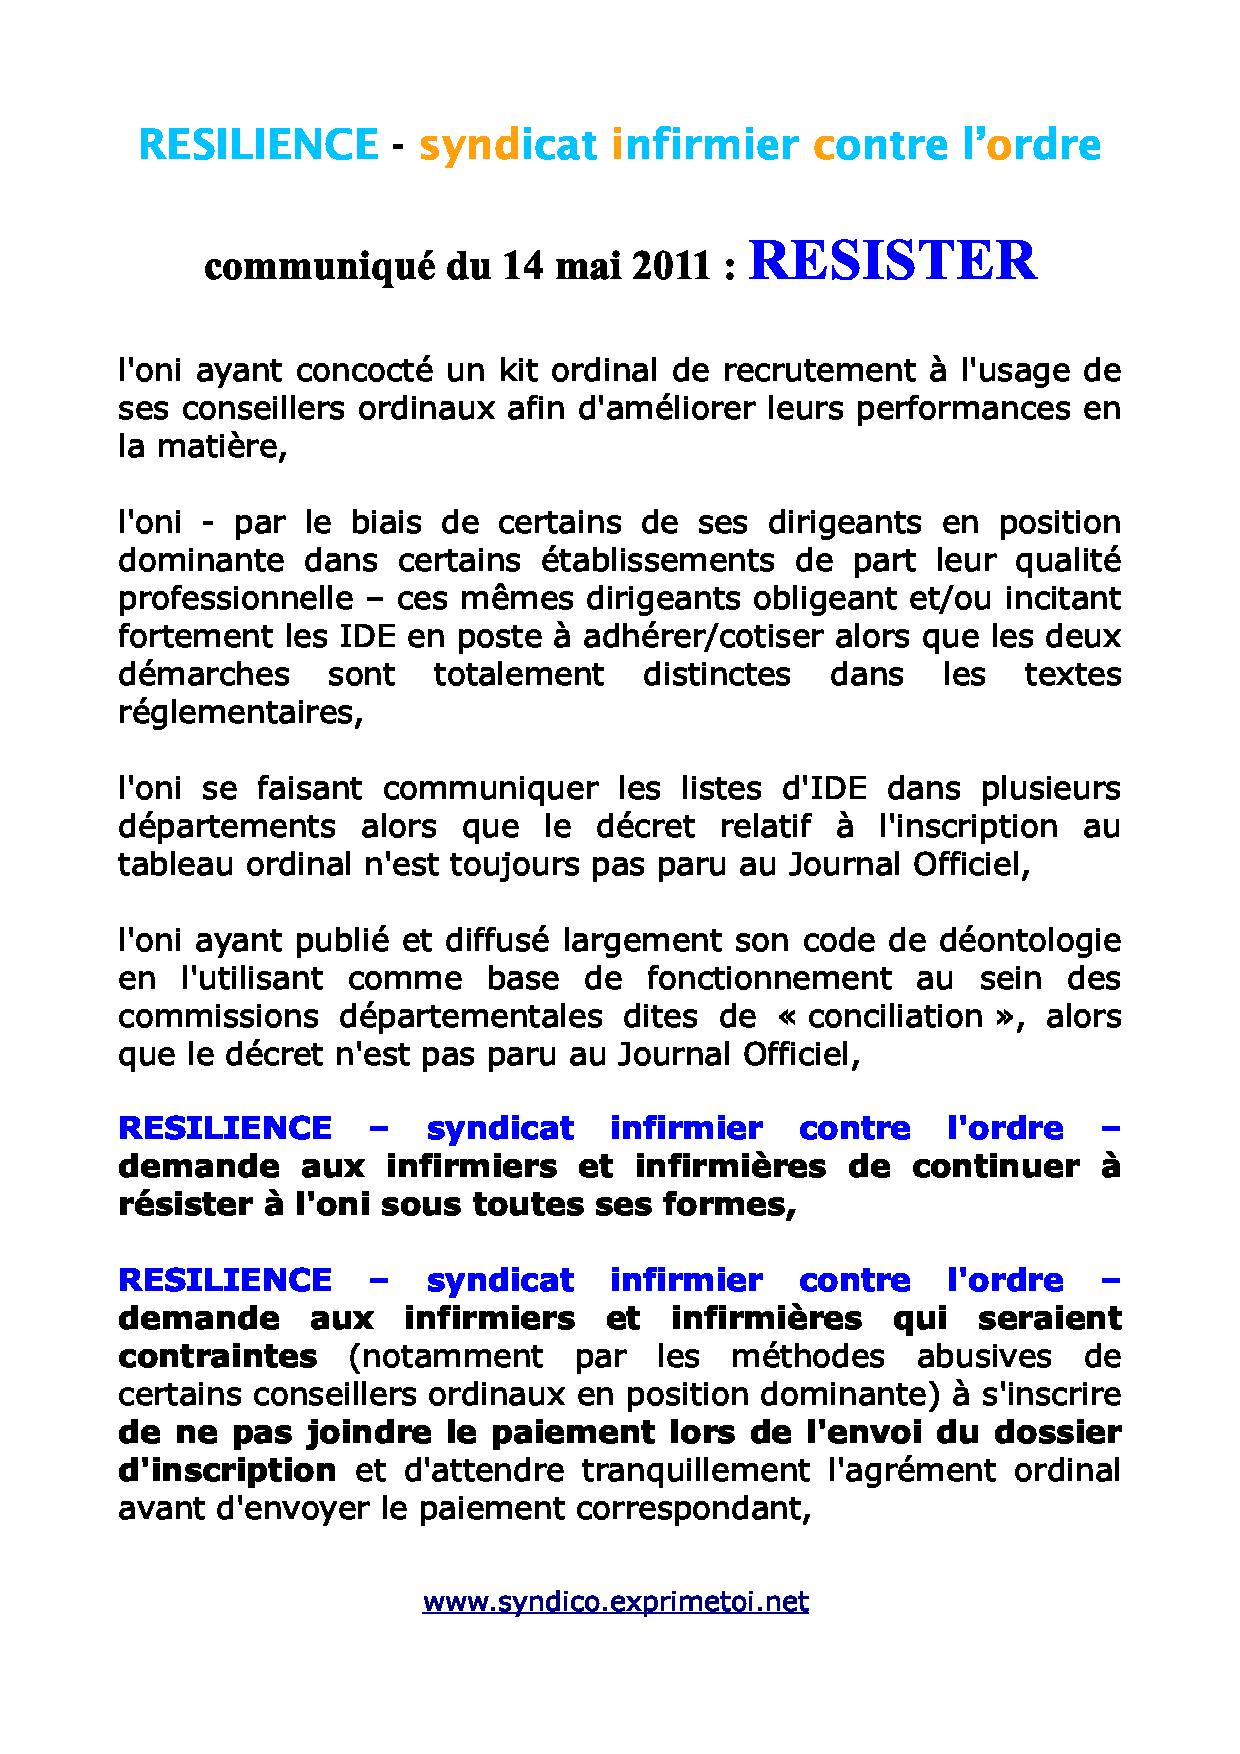 Communiqué RESILIENCE du 14 mai 2011 1105141047291139708154145